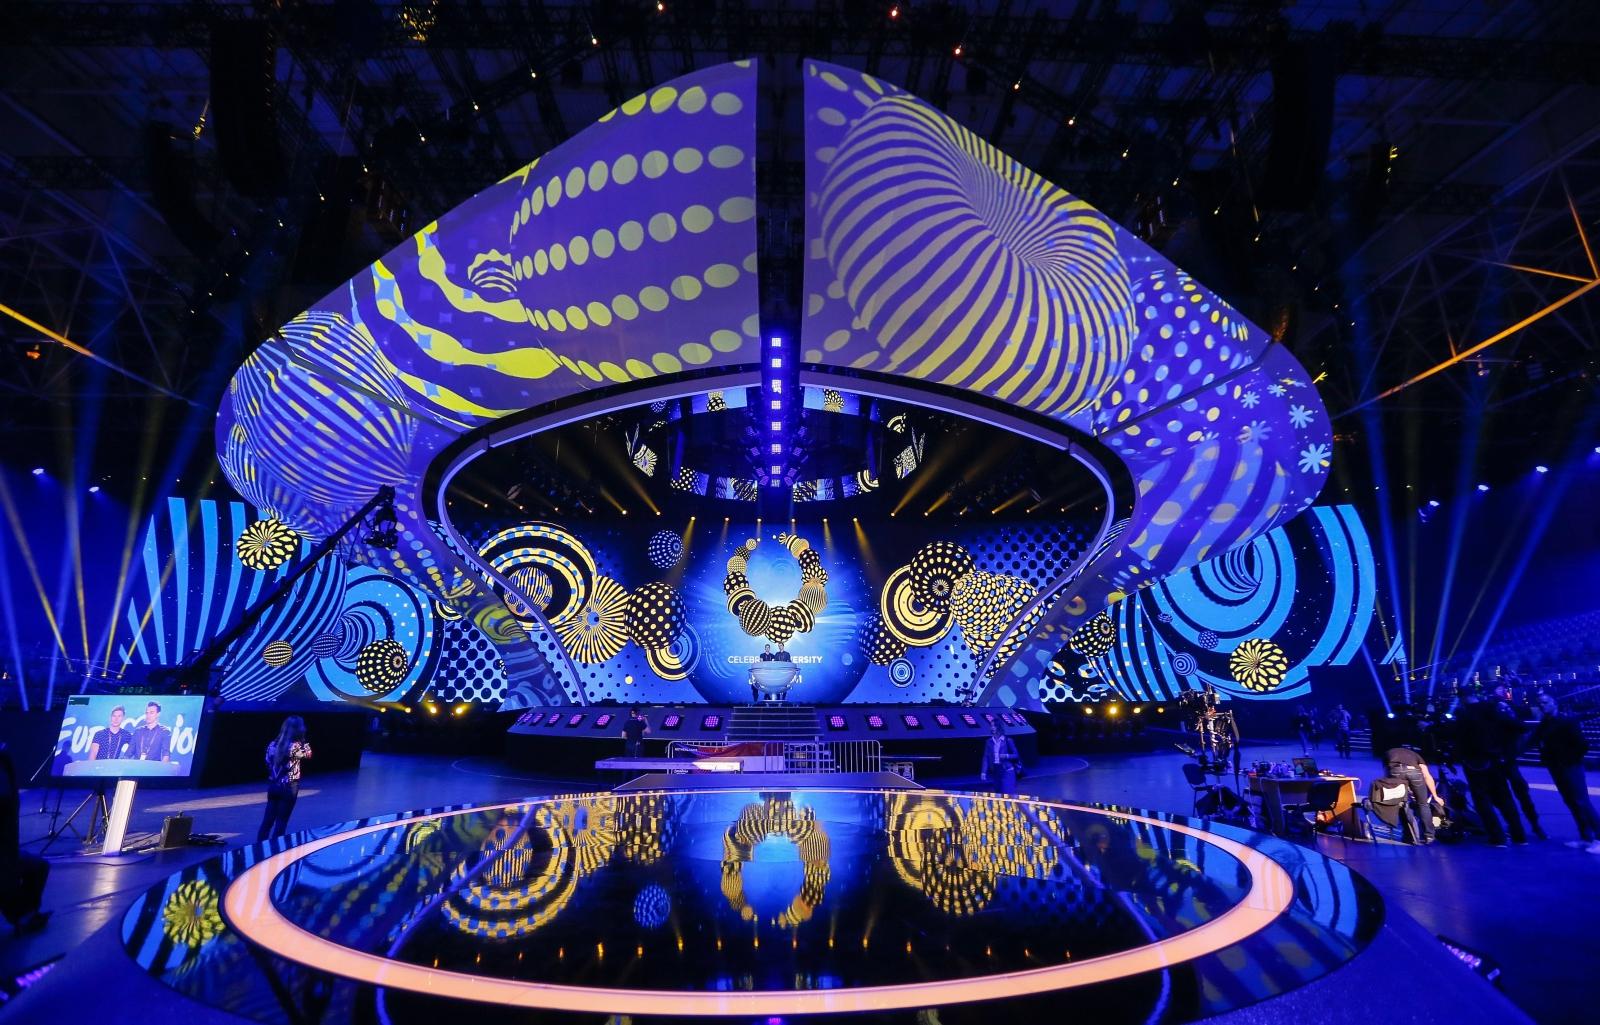 Ukraina: przygotowania do konkursju Eurowizja. Fot. PAP/EPA/SERGEY DOLZHENKO